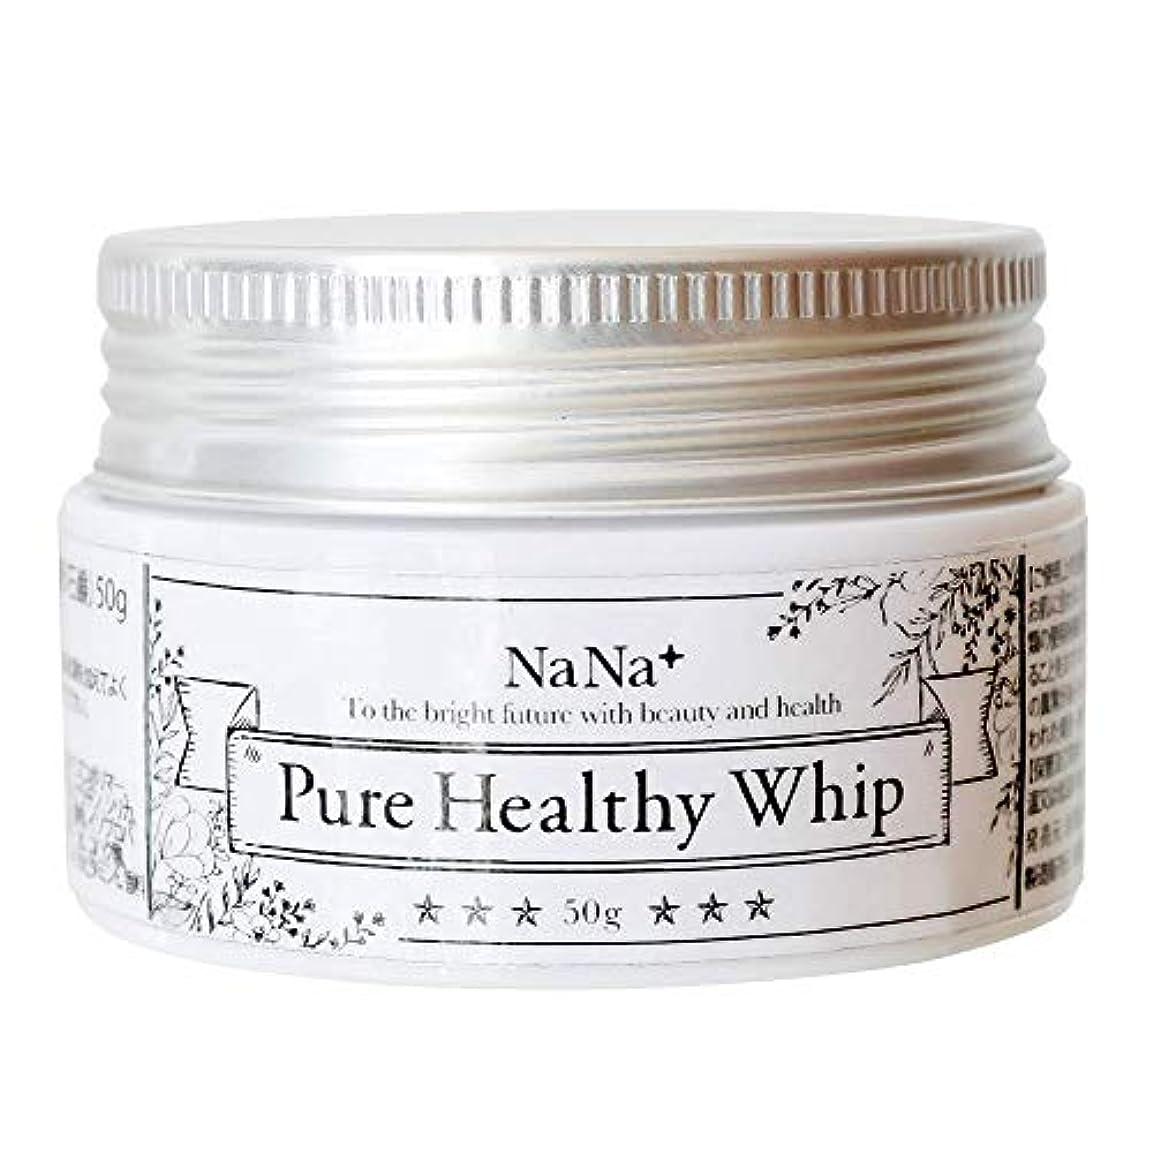 粘土シンボルジャンク洗顔 生せっけん 敏感肌 乾燥肌 の 毛穴 くすみ 黒ずみ ケア 肌に優しい無添加  nana+ピュアヘルシーホイップ